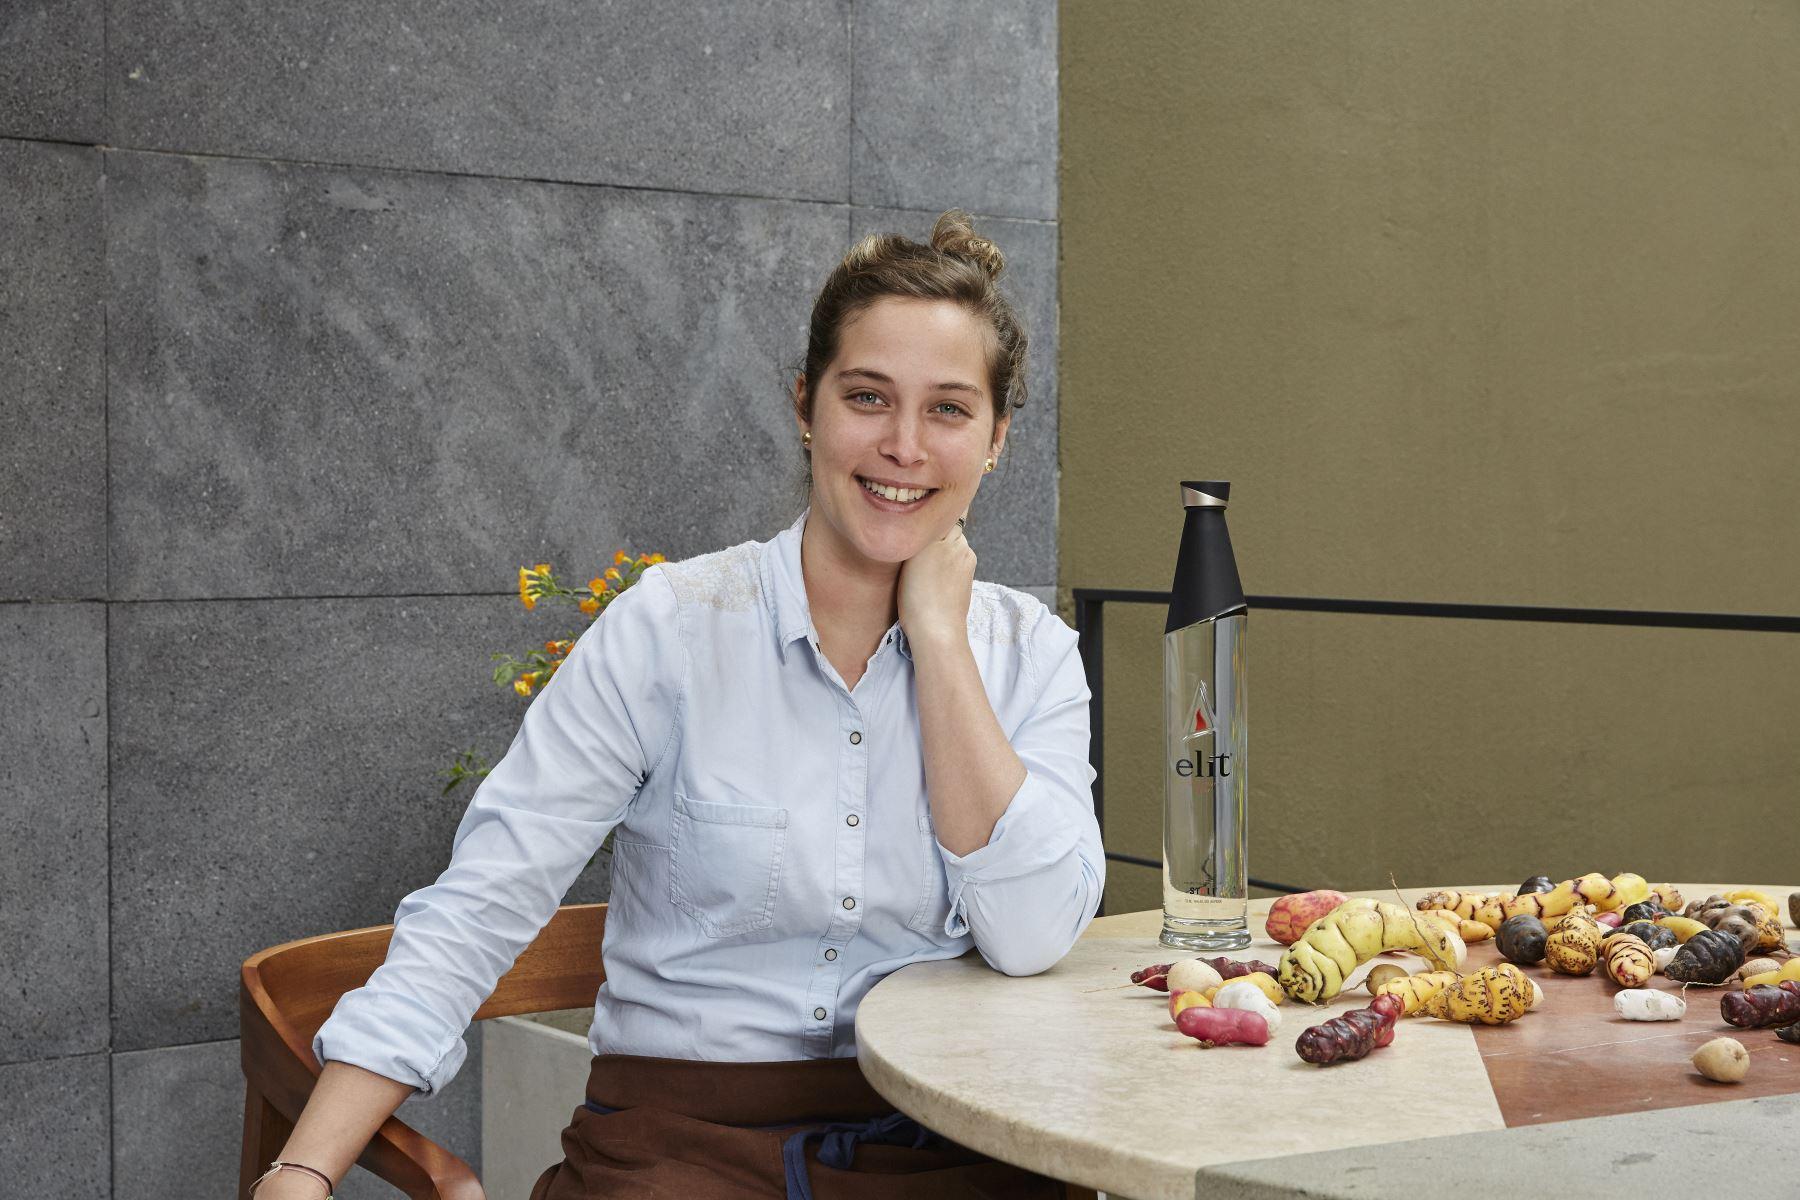 León es copropietaria del restaurante Central y chef-propietaria de Kjolle, ambos en Lima. Foto: Difusión